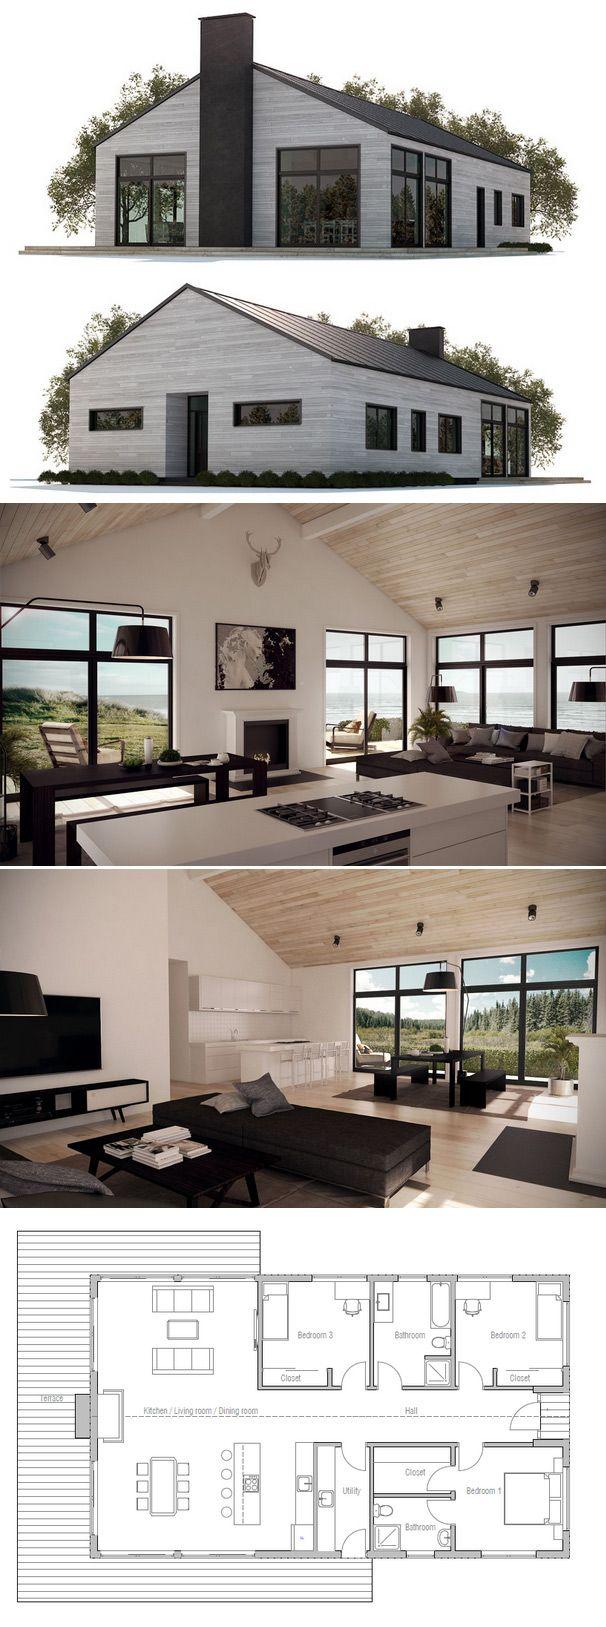 Plan De Maison Http://www.m Habitat.fr/travaux De Gros Oeuvre/architecte Et  Constructeur/le Plan De Construction D Une Maison 2483_A | Pinterest ...